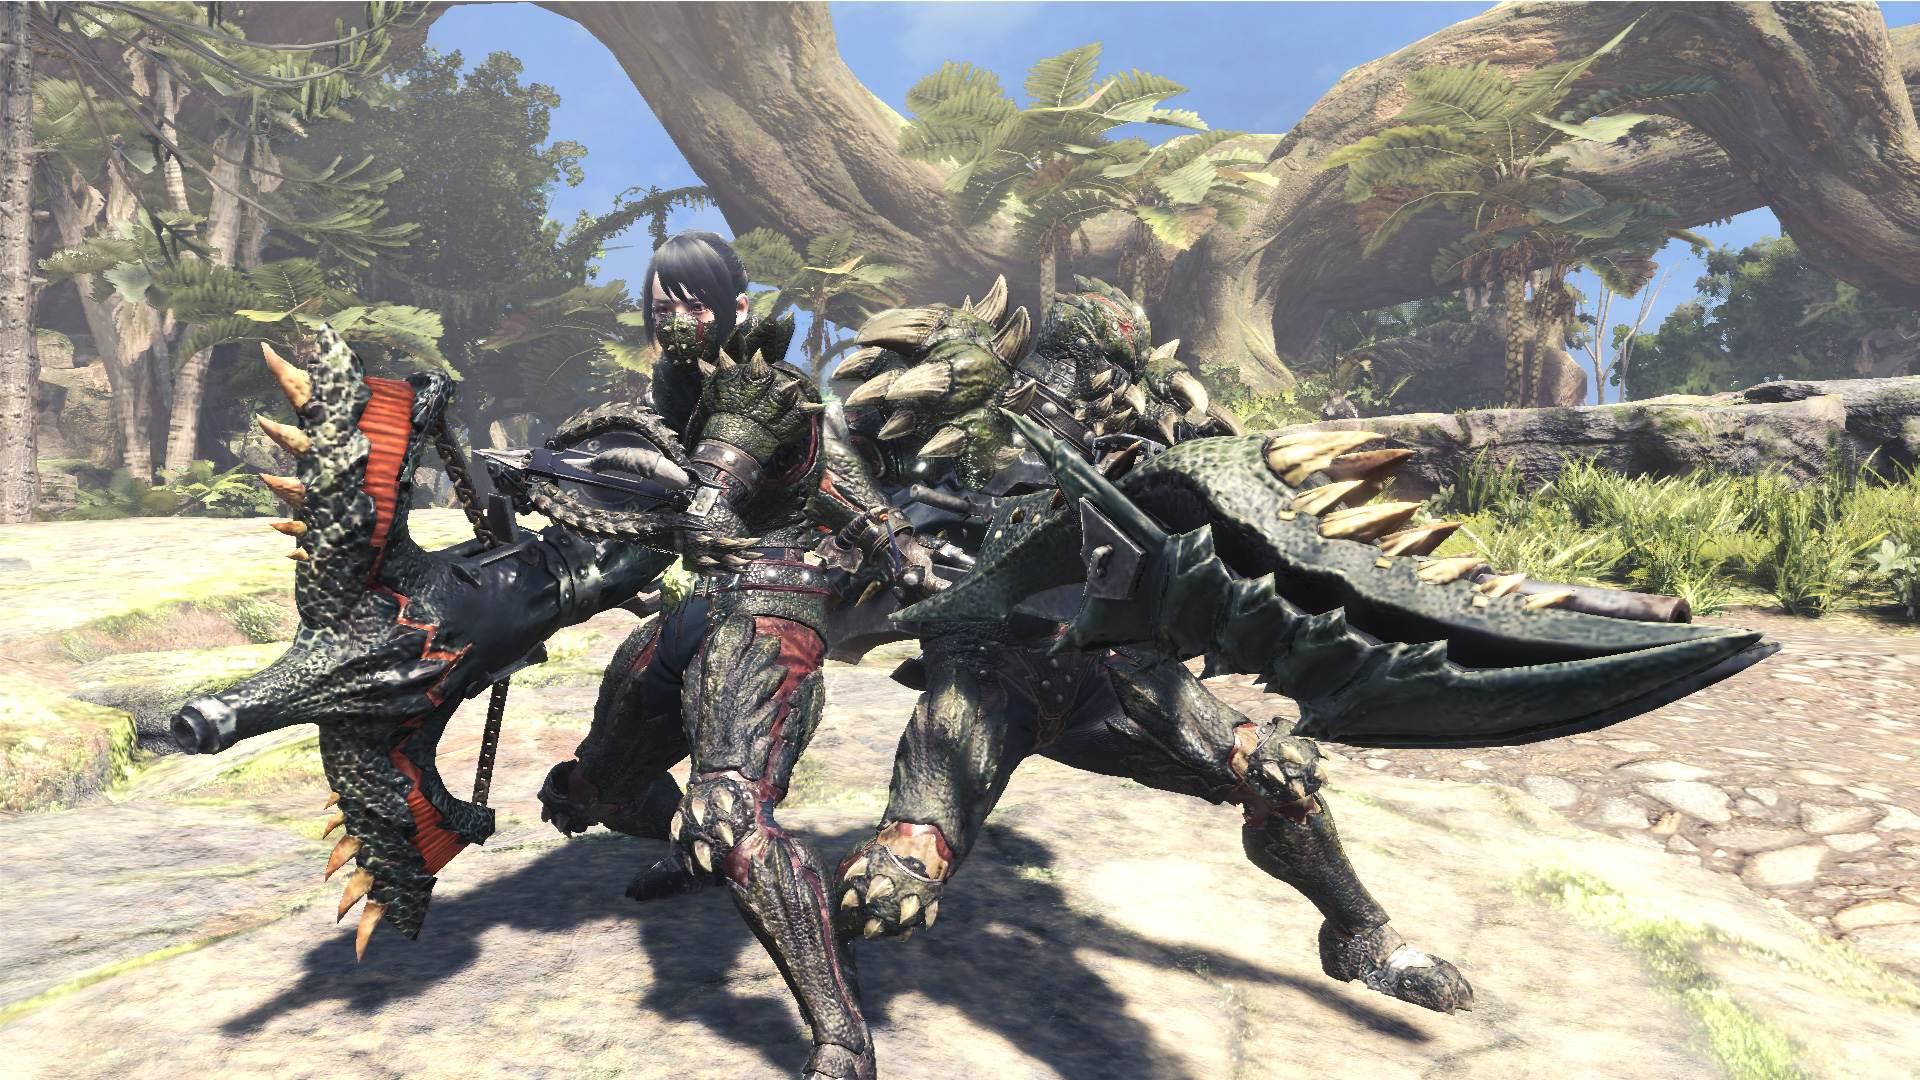 Monster hunter world weitere details zum deviljho update